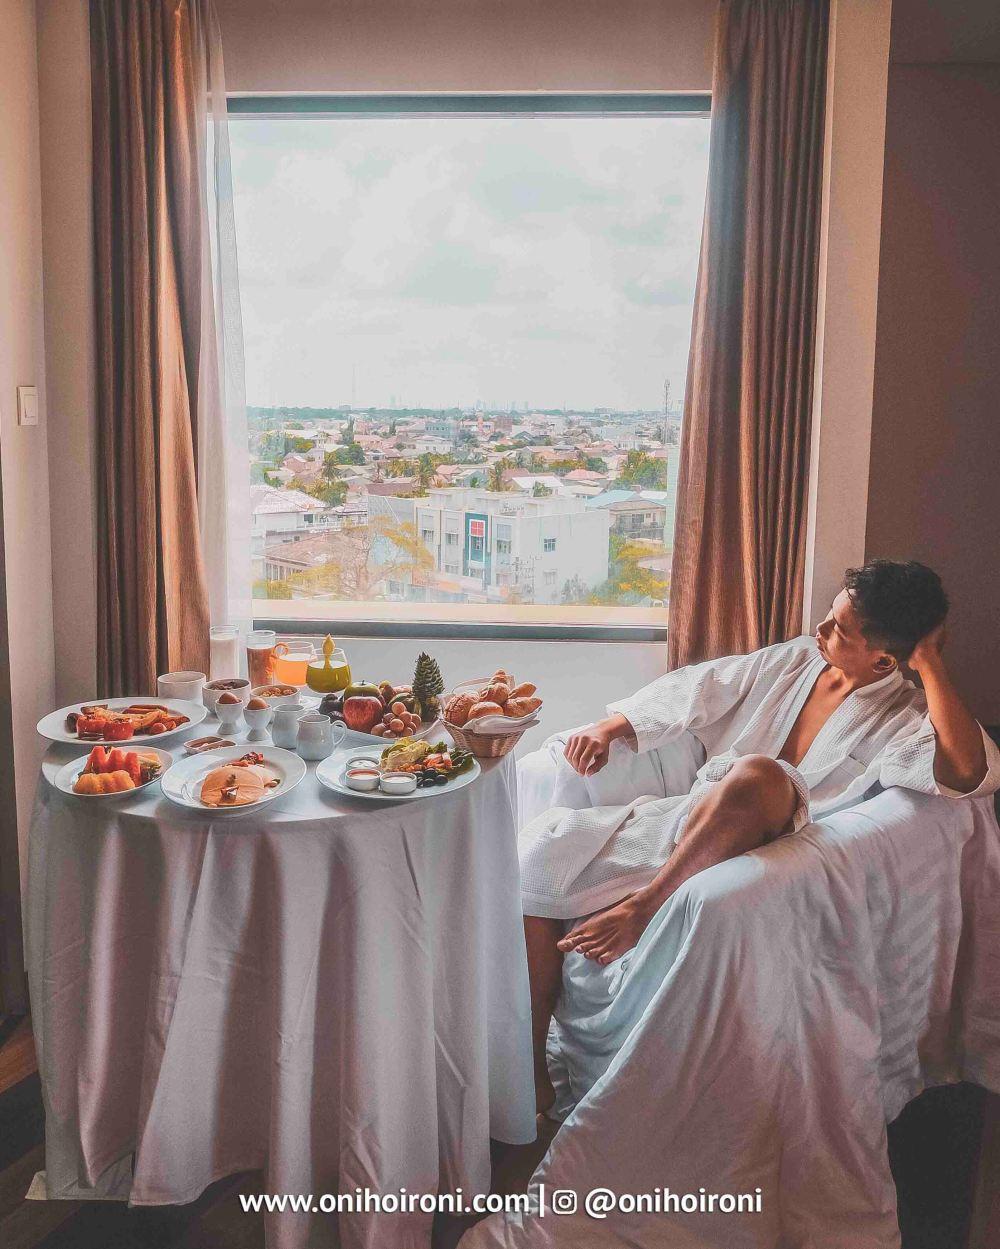 5 Breakfast in bed Aston palembang Oni Hoironi